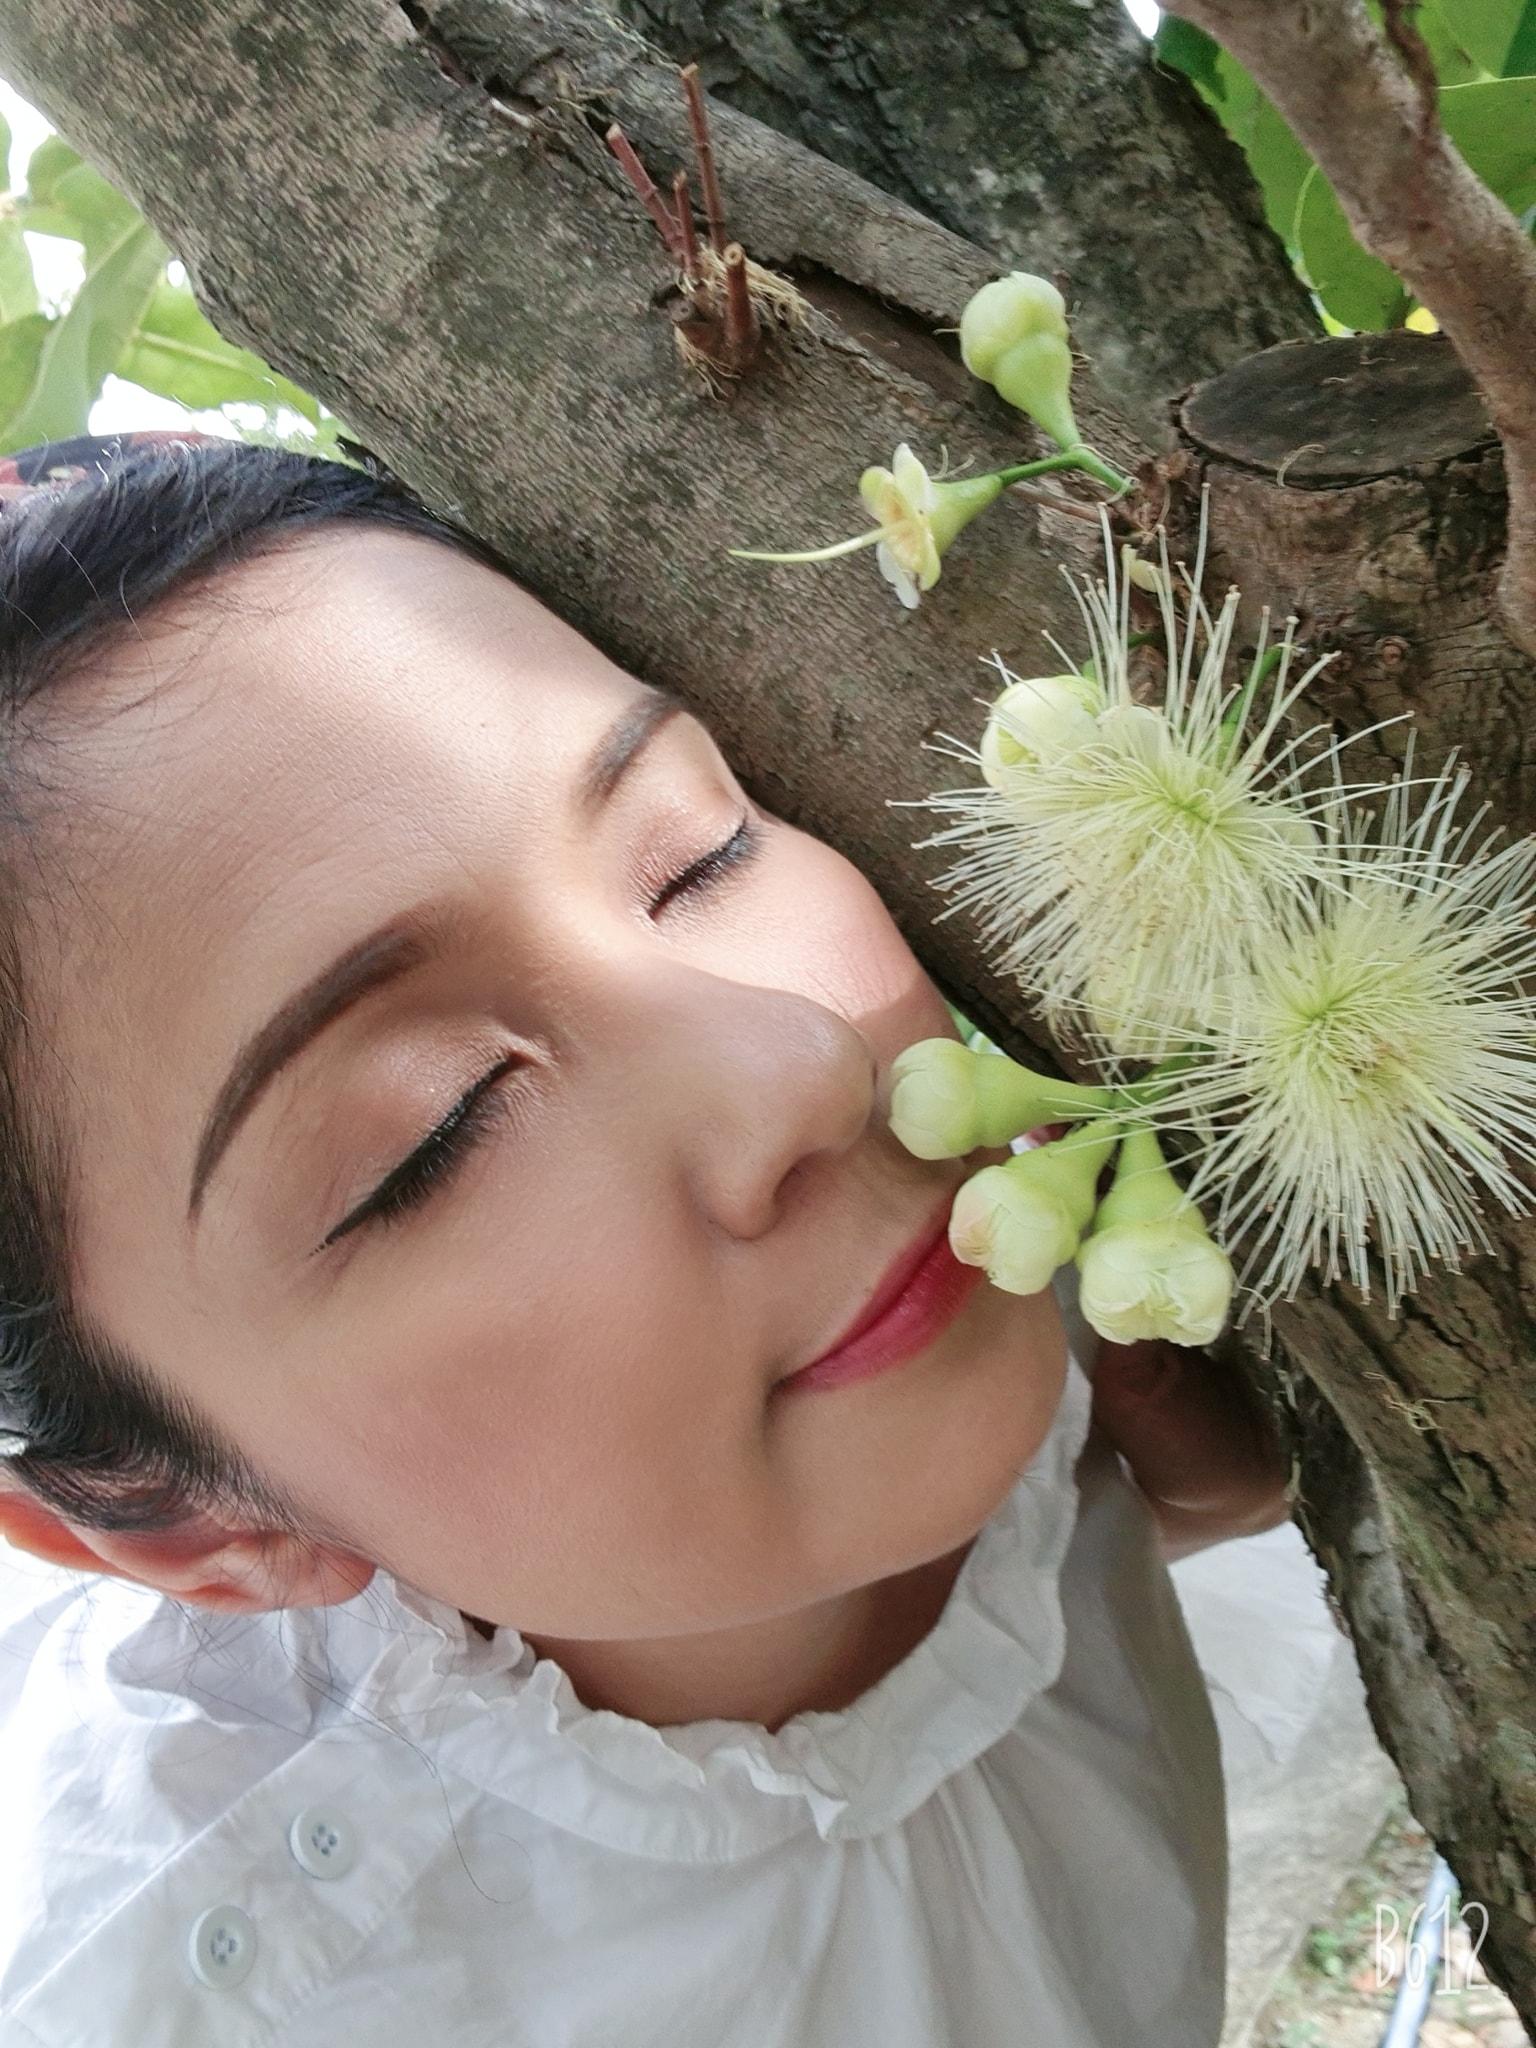 عاشق صفحه نمایش Ly Hung علی رغم 4 سالگی زیبایی کوته بینی خود را نشان داد